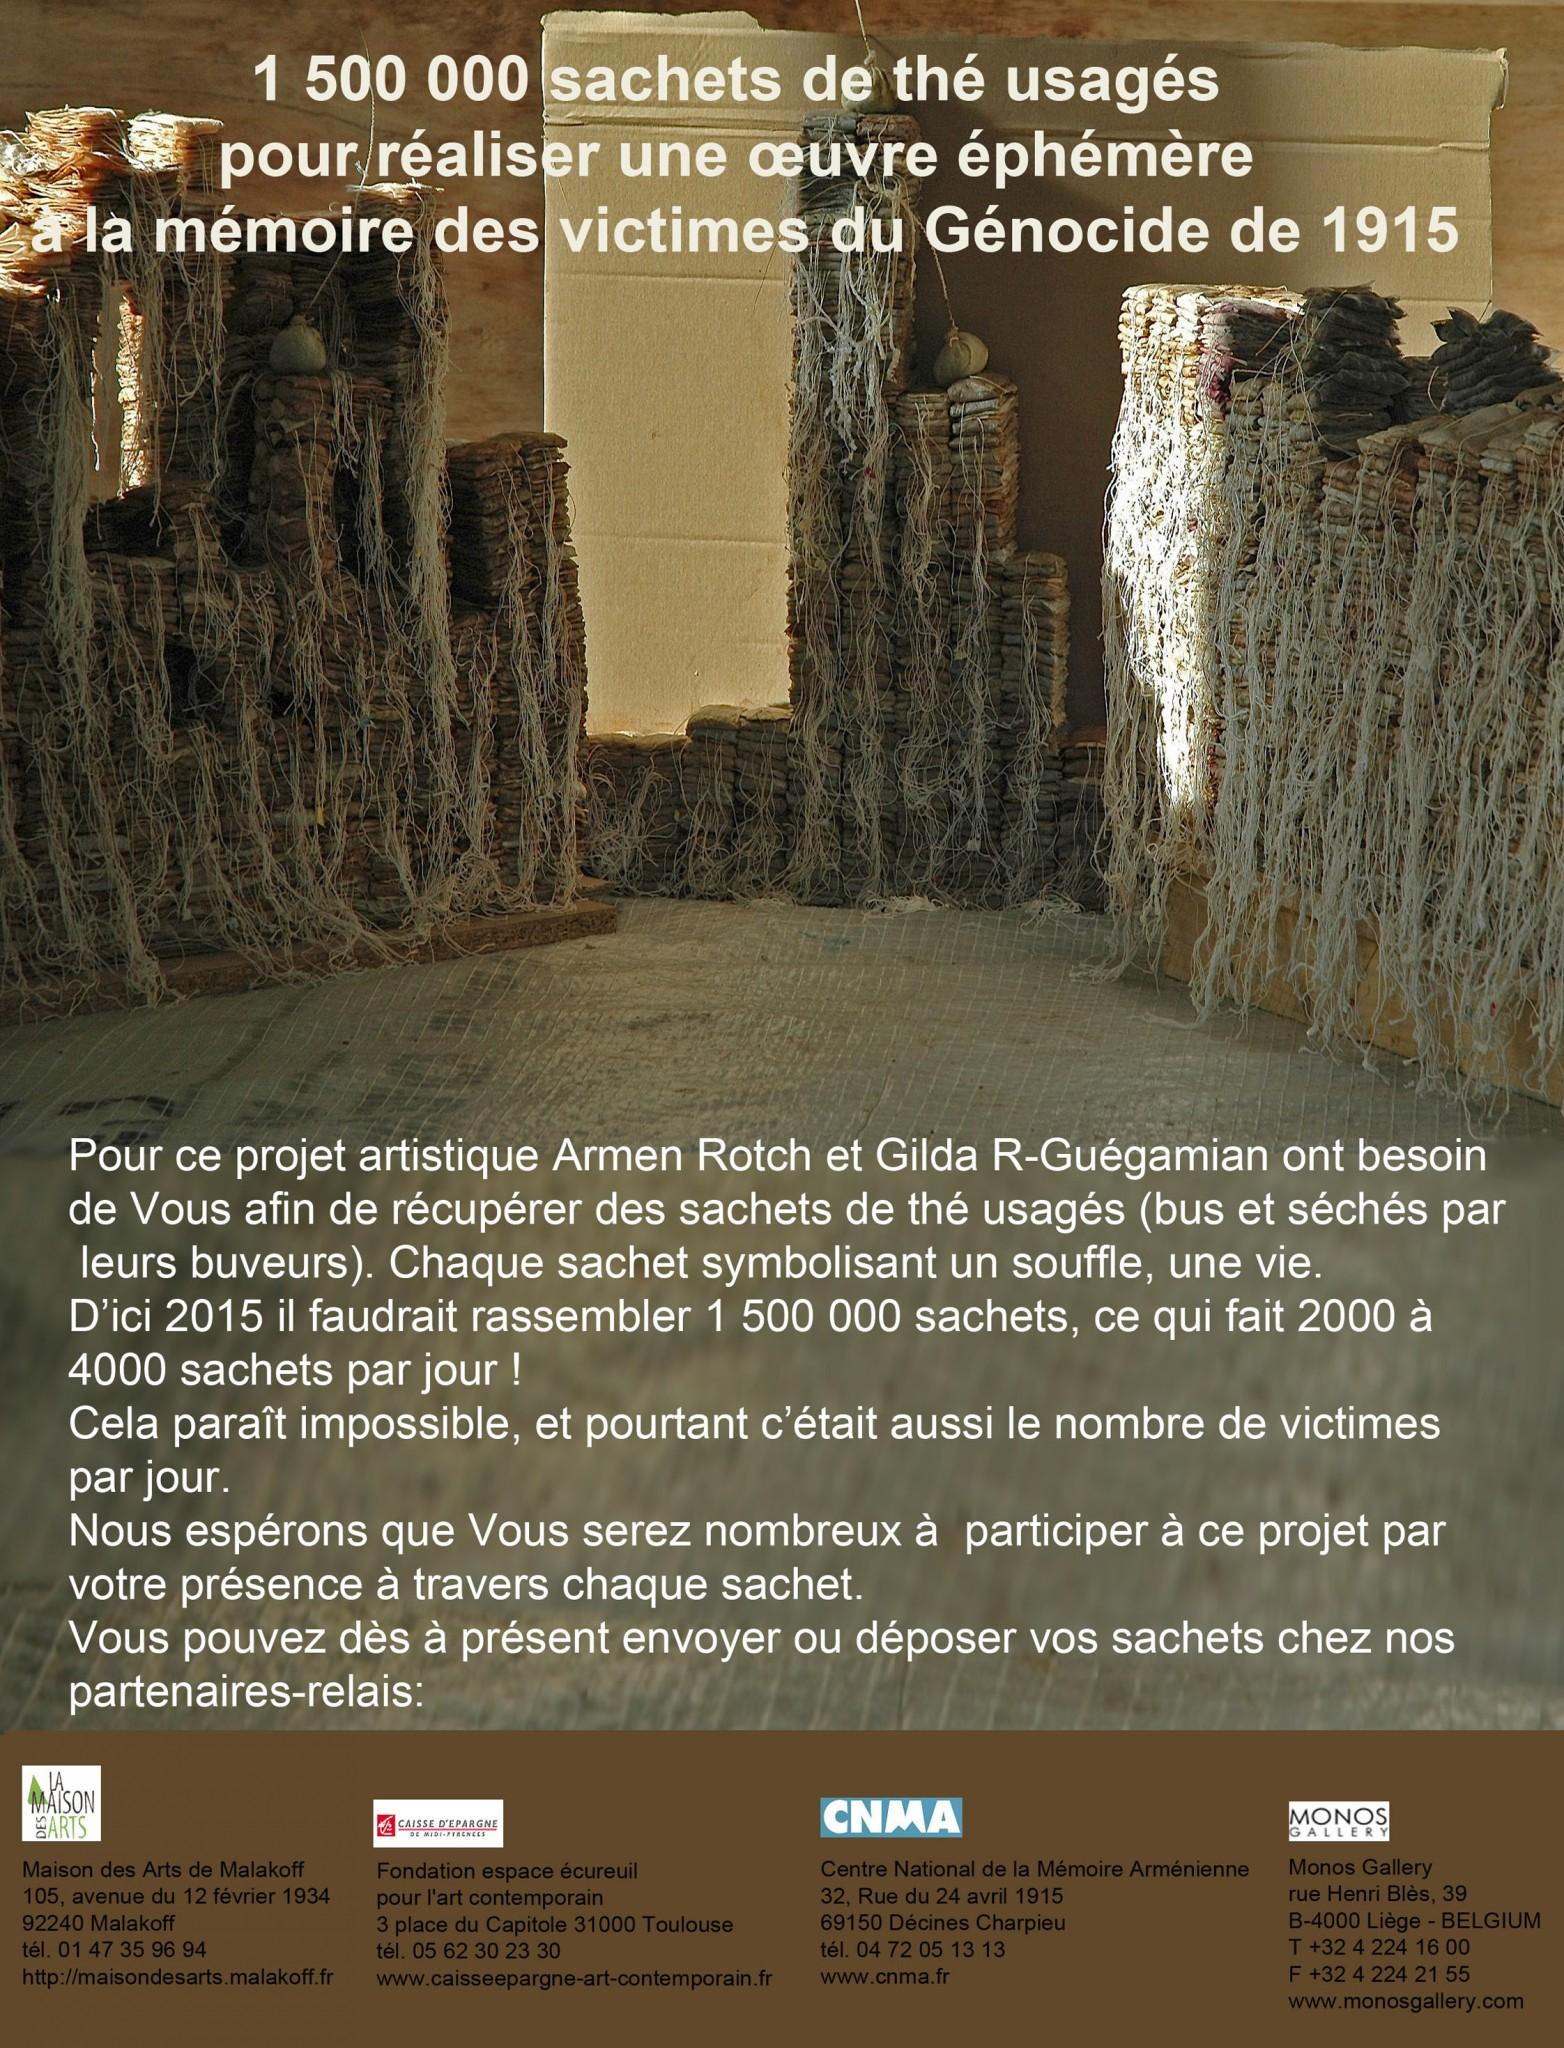 Affiche du projet d'Armèn Rotch en commémoration du génocide arménien